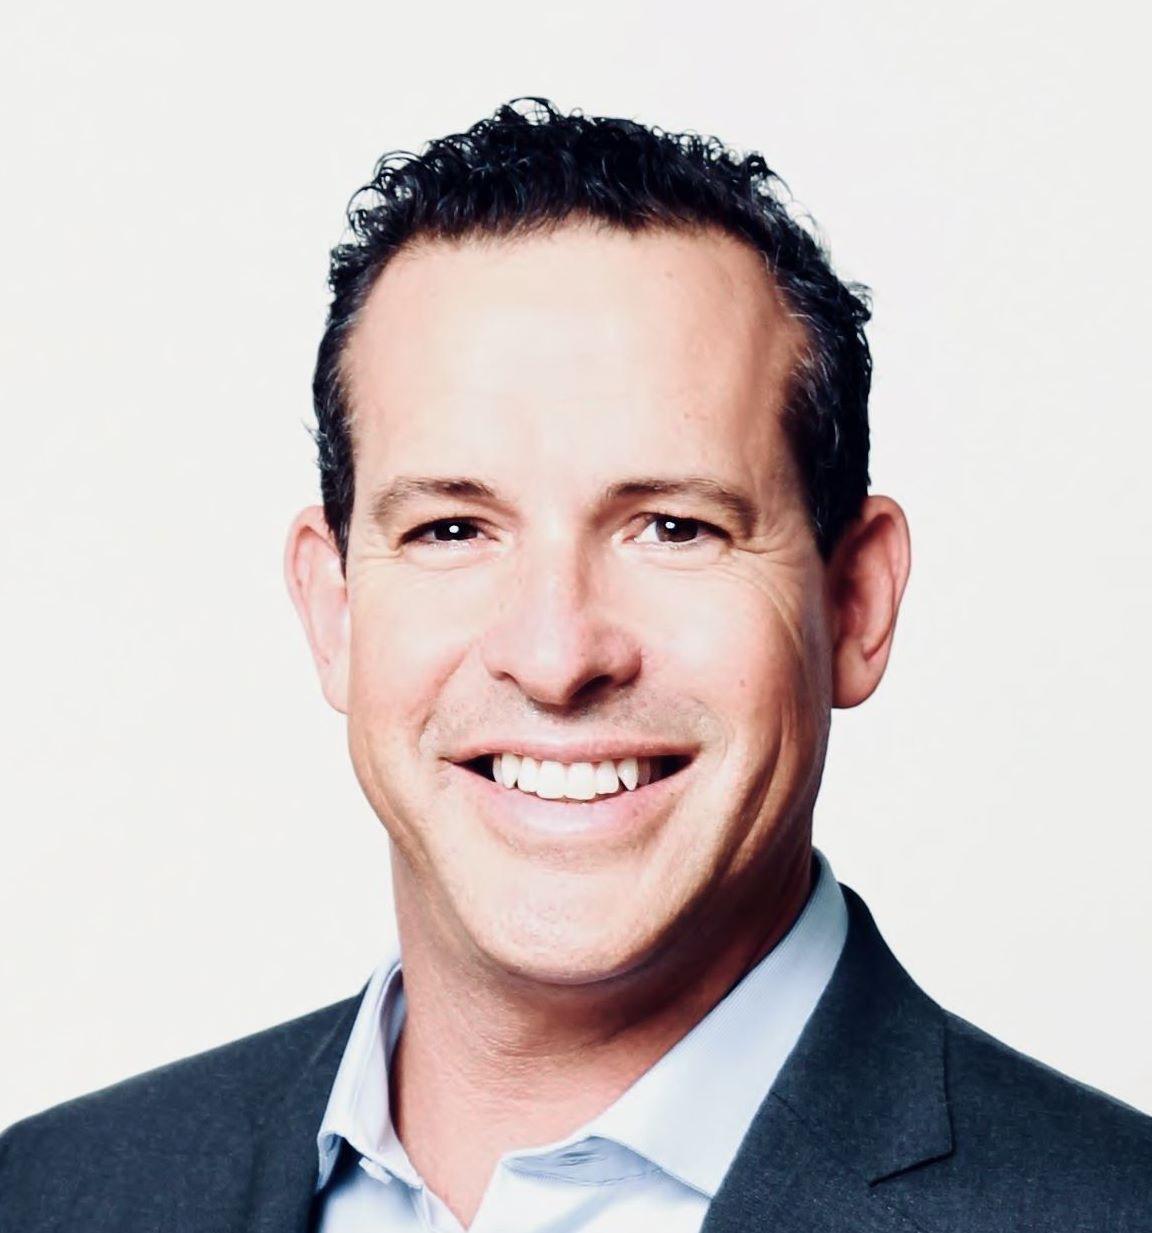 Craig Poturalski